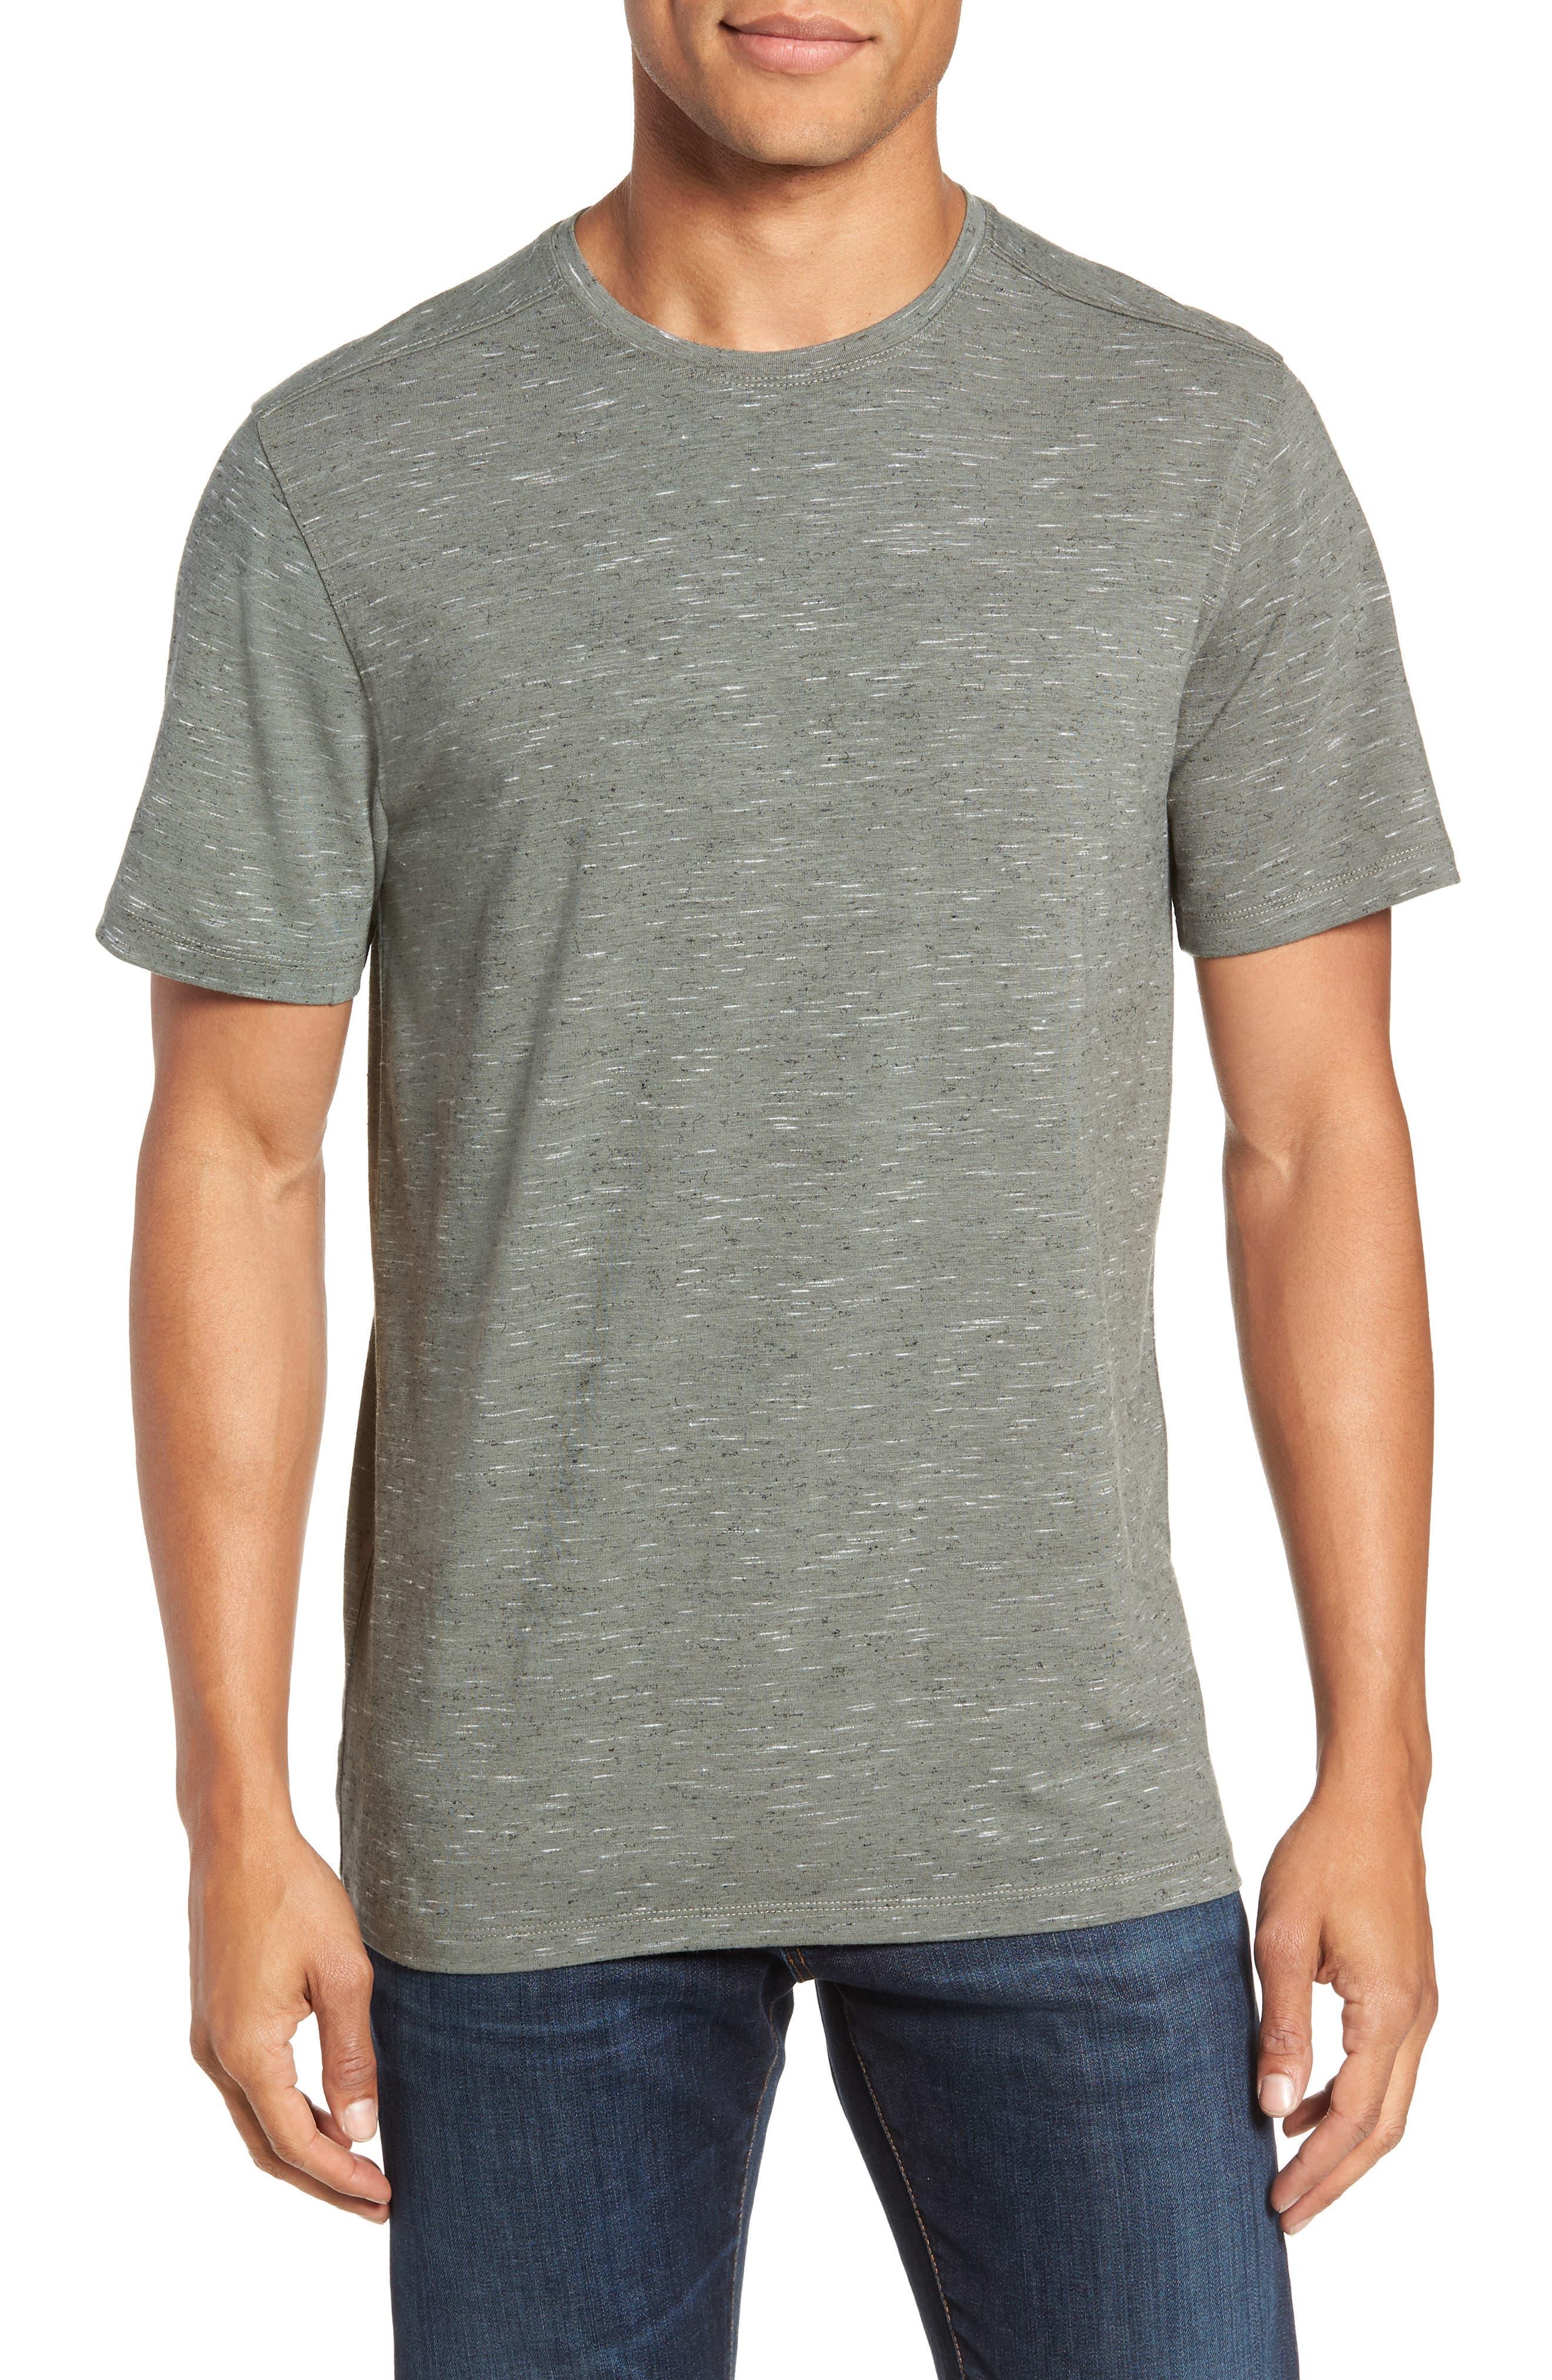 Neppy Crewneck T-Shirt,                         Main,                         color, GREY LUNAR NEP